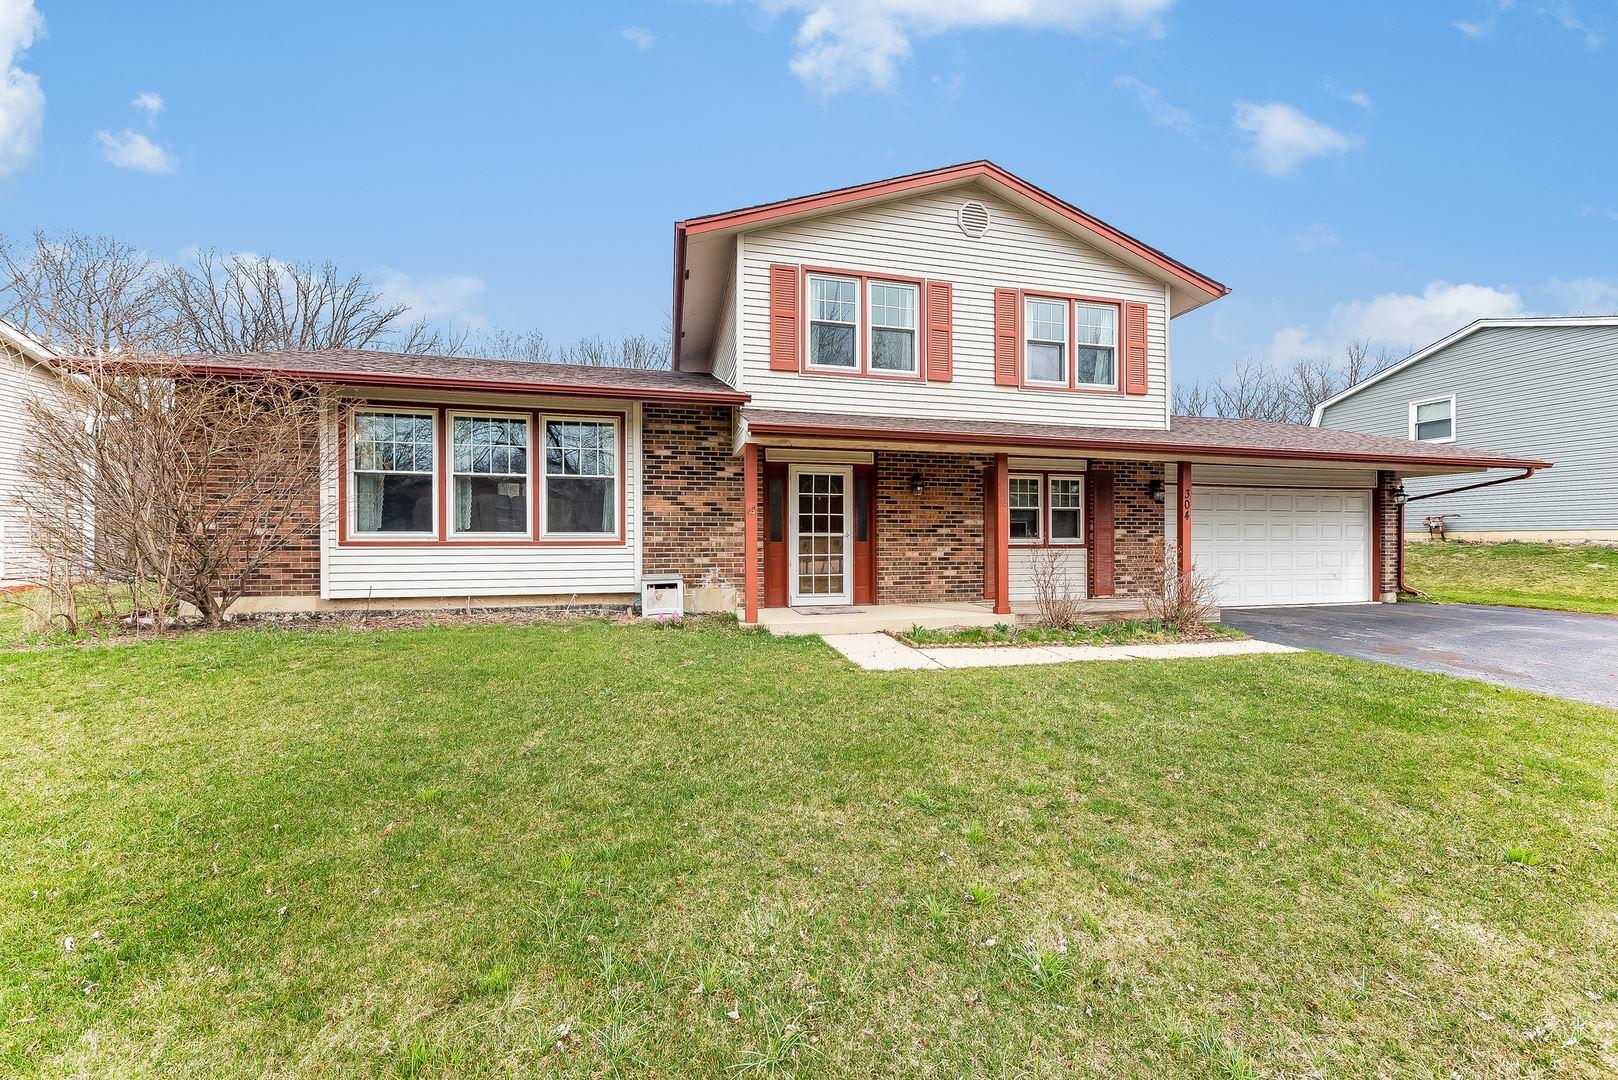 Photo of 304 Charlestown Drive, Bolingbrook, IL 60440 (MLS # 11036242)